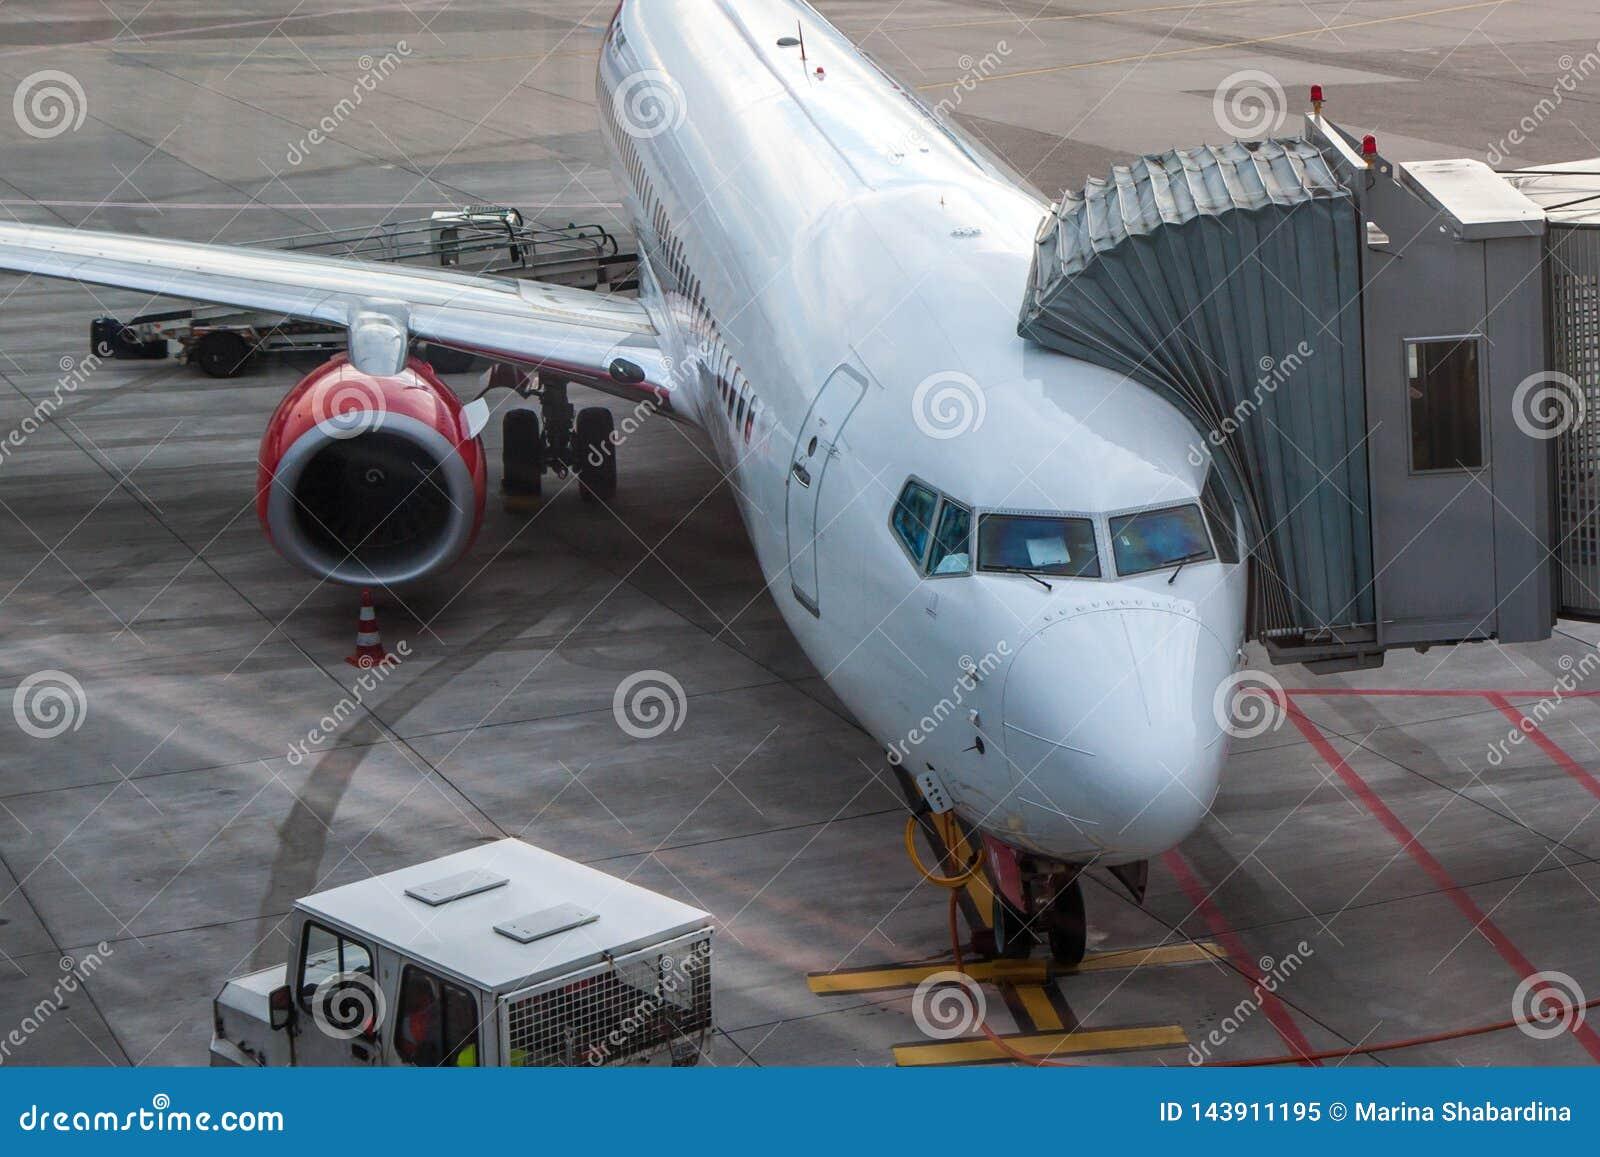 Passenger aircraft loads passengers before the flight